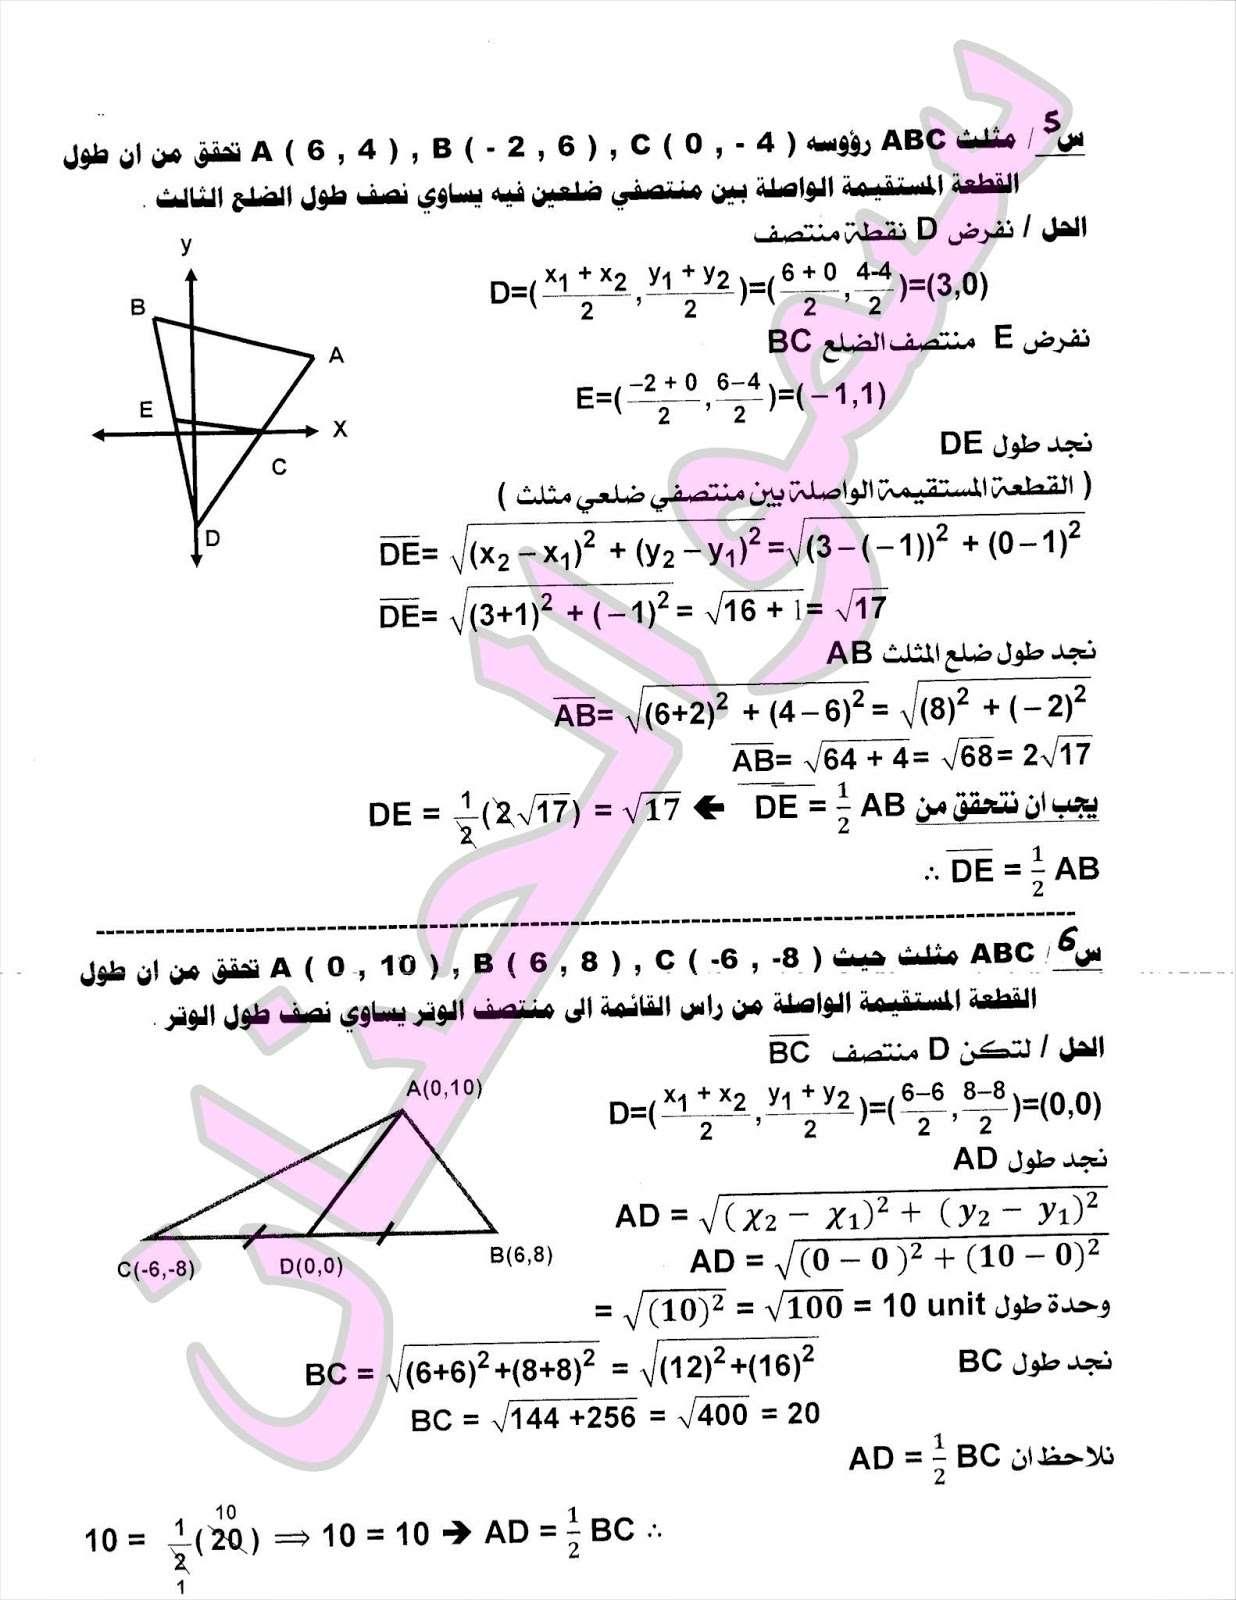 المراجعة المركزة وملخص لمادة الرياضيات للصف الثالث المتوسط 2017 | الجزء 3 2410